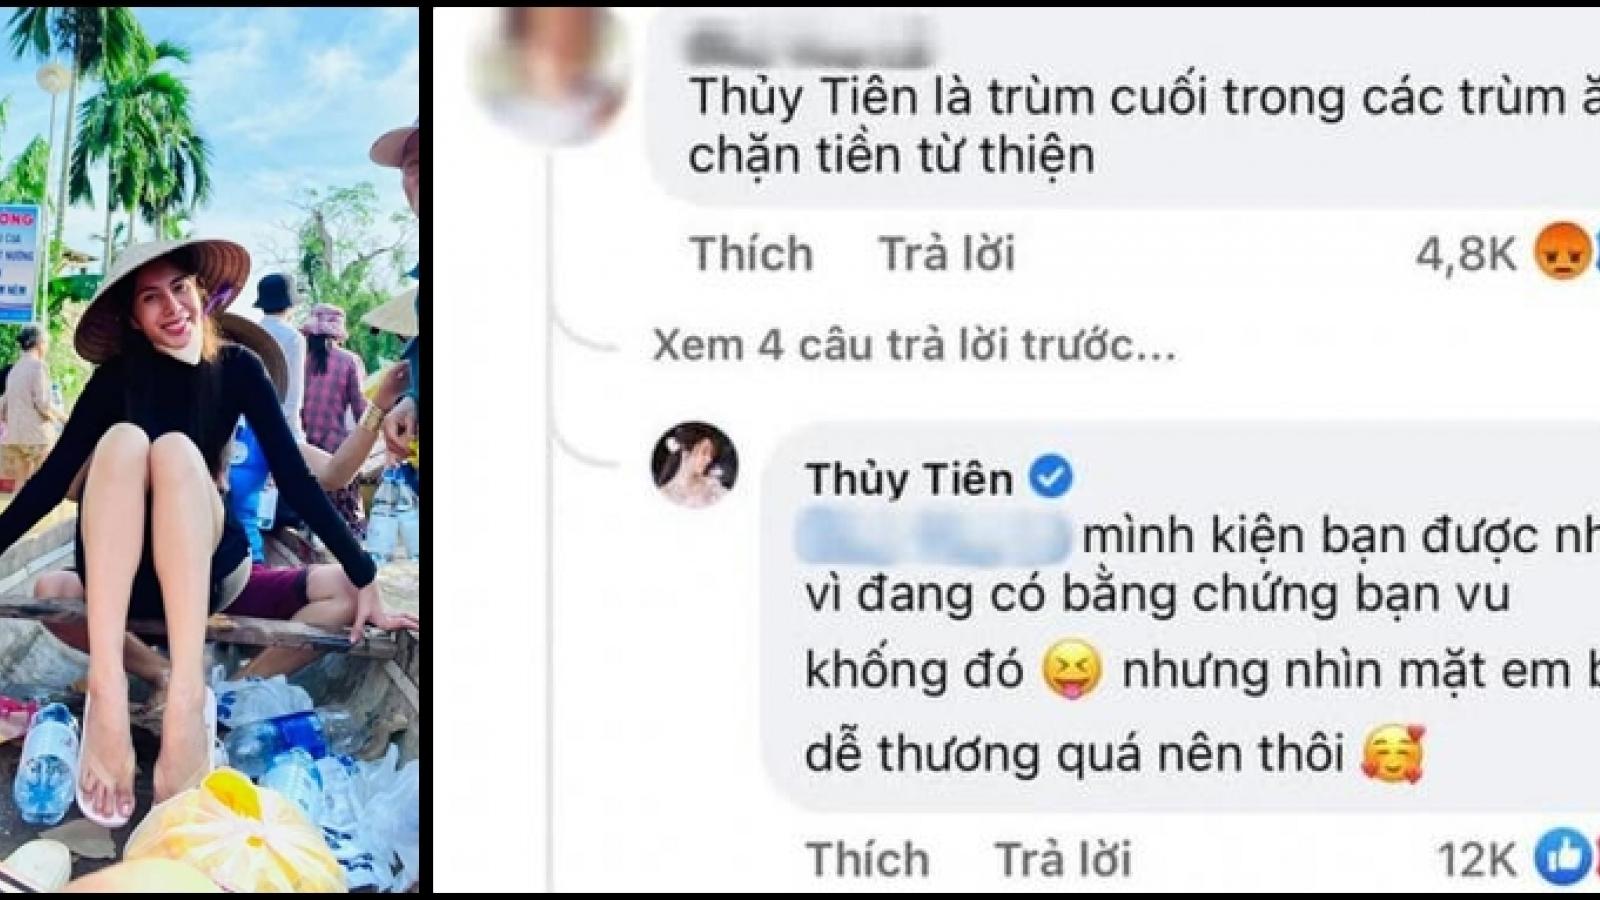 """Chuyện showbiz: Ca sĩ Thủy Tiên đáp trả khi bị gọi là """"trùm ăn chặn"""" tiền từ thiện"""